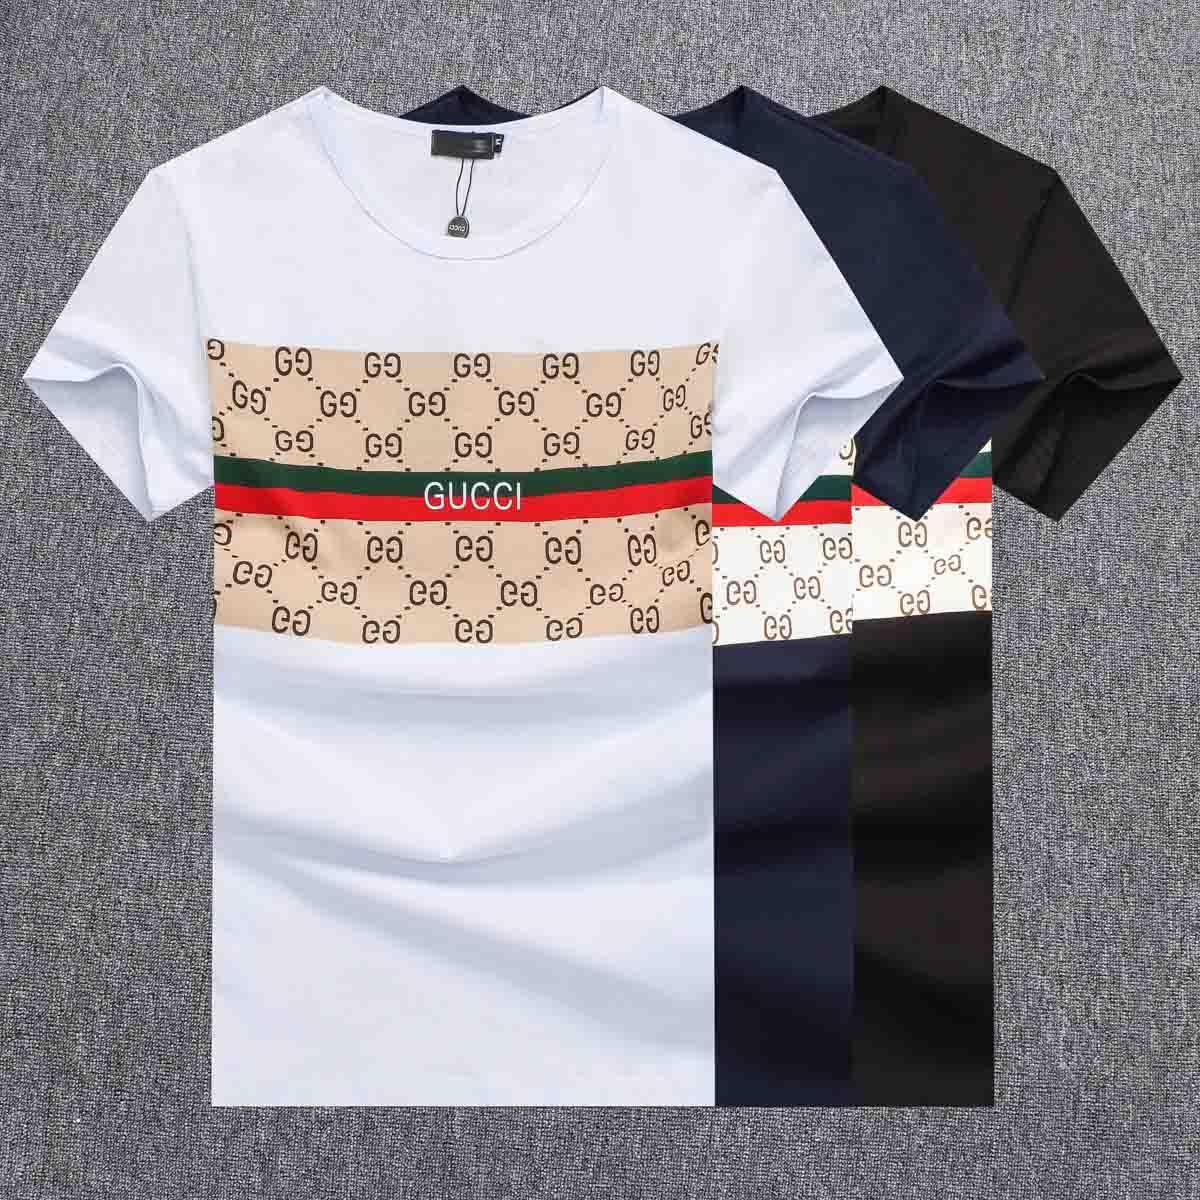 Hommes Designer T-shirts d'été marque-shirts respirants Medusa patterm imprimé T-shirt Hommes solide de luxe Hauts Taille XS-asiatique 5XL